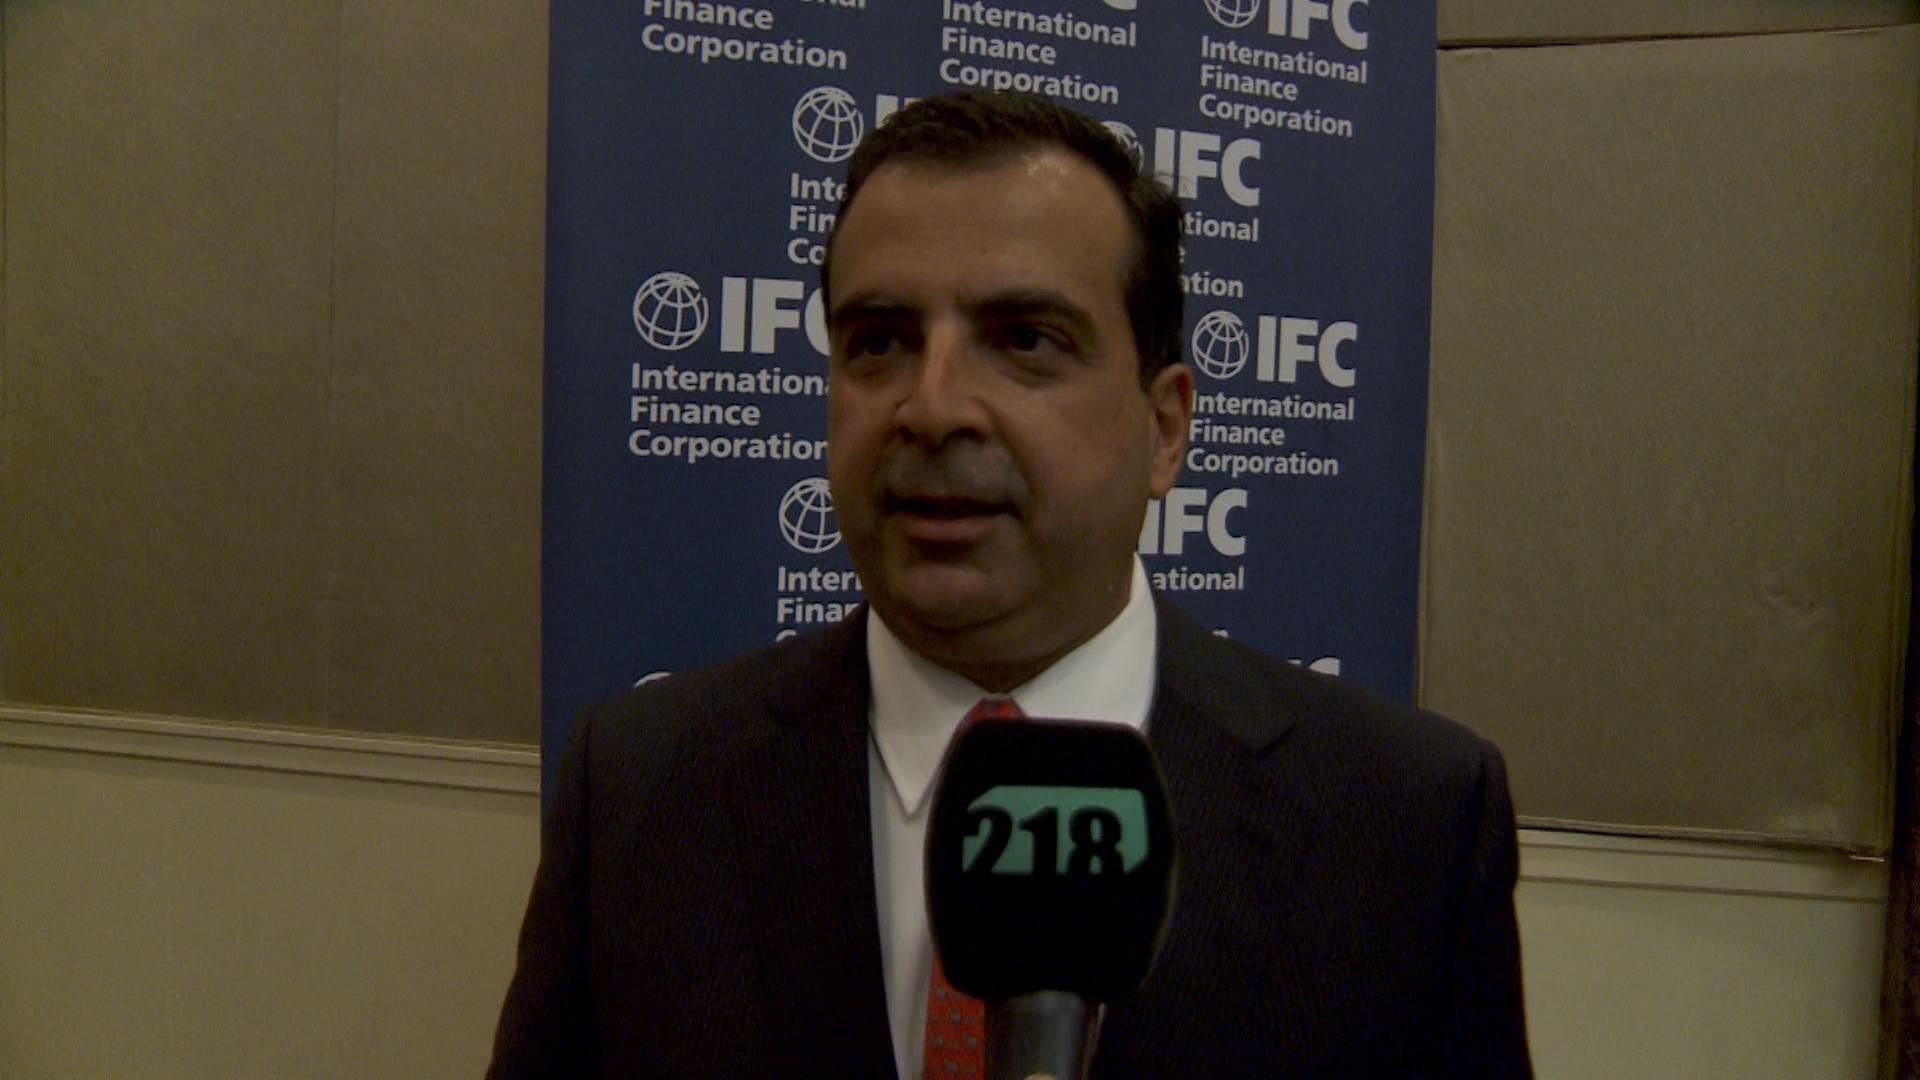 الرئيس التنفيذي والمدير العام للمؤسسة العربية للاستثمارات البترولية أحمد عتيقة